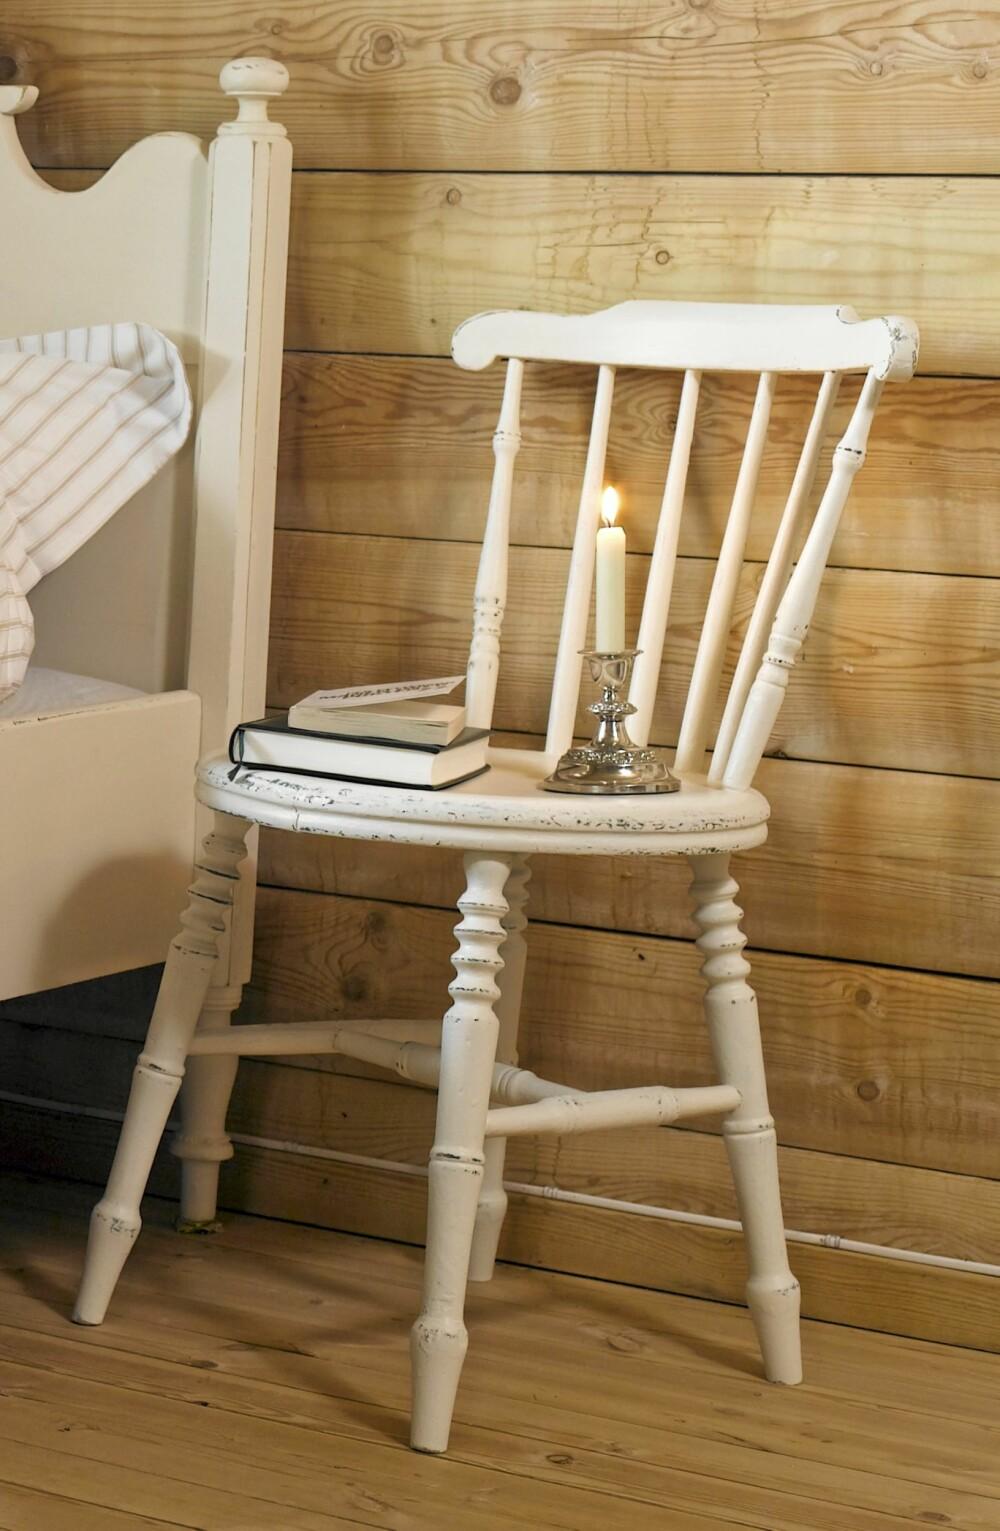 SHABBY STOL: Ønsker du et shabby og landlig uttrykk på møblene dine kan du pusse kantene med sandpapir etter at den hvite malingen har tørket. Denne er pusset opp av langstad.no